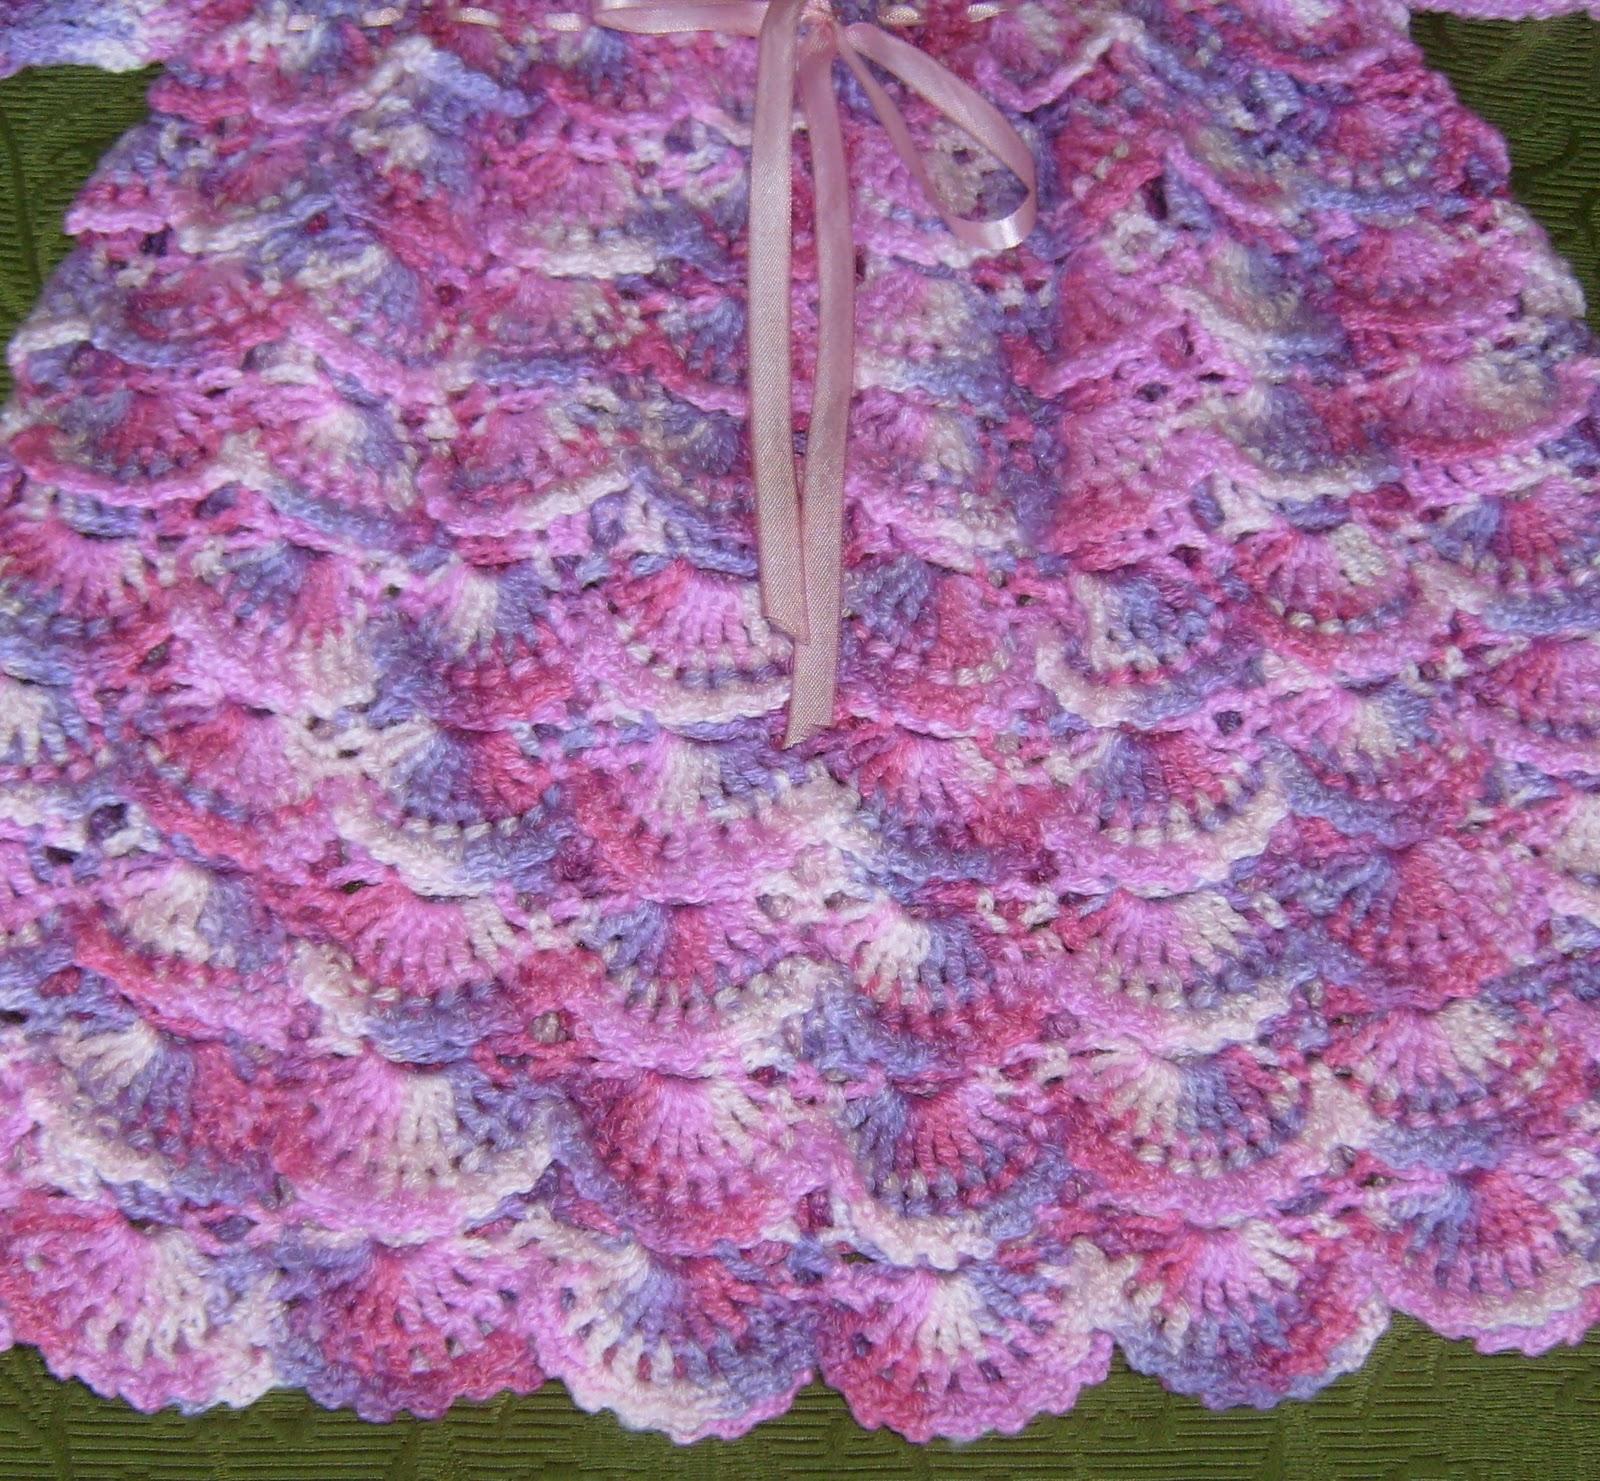 vestido tejido a crochet con un original punto en relieve da efecto de